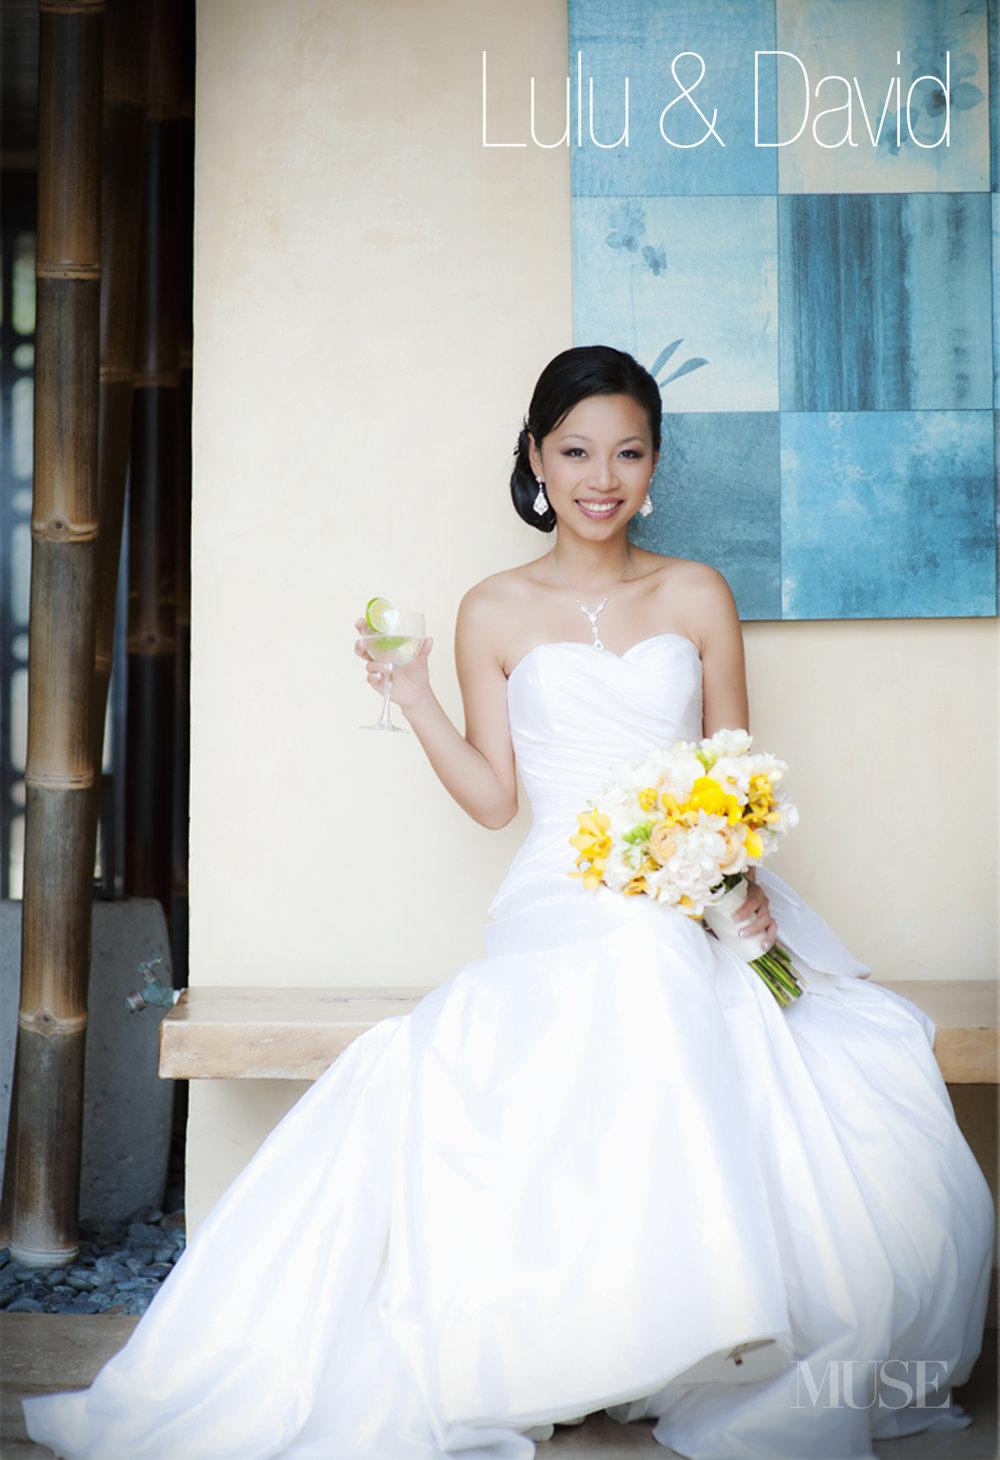 MUSE Bride Lookbook - Brides . Lulu